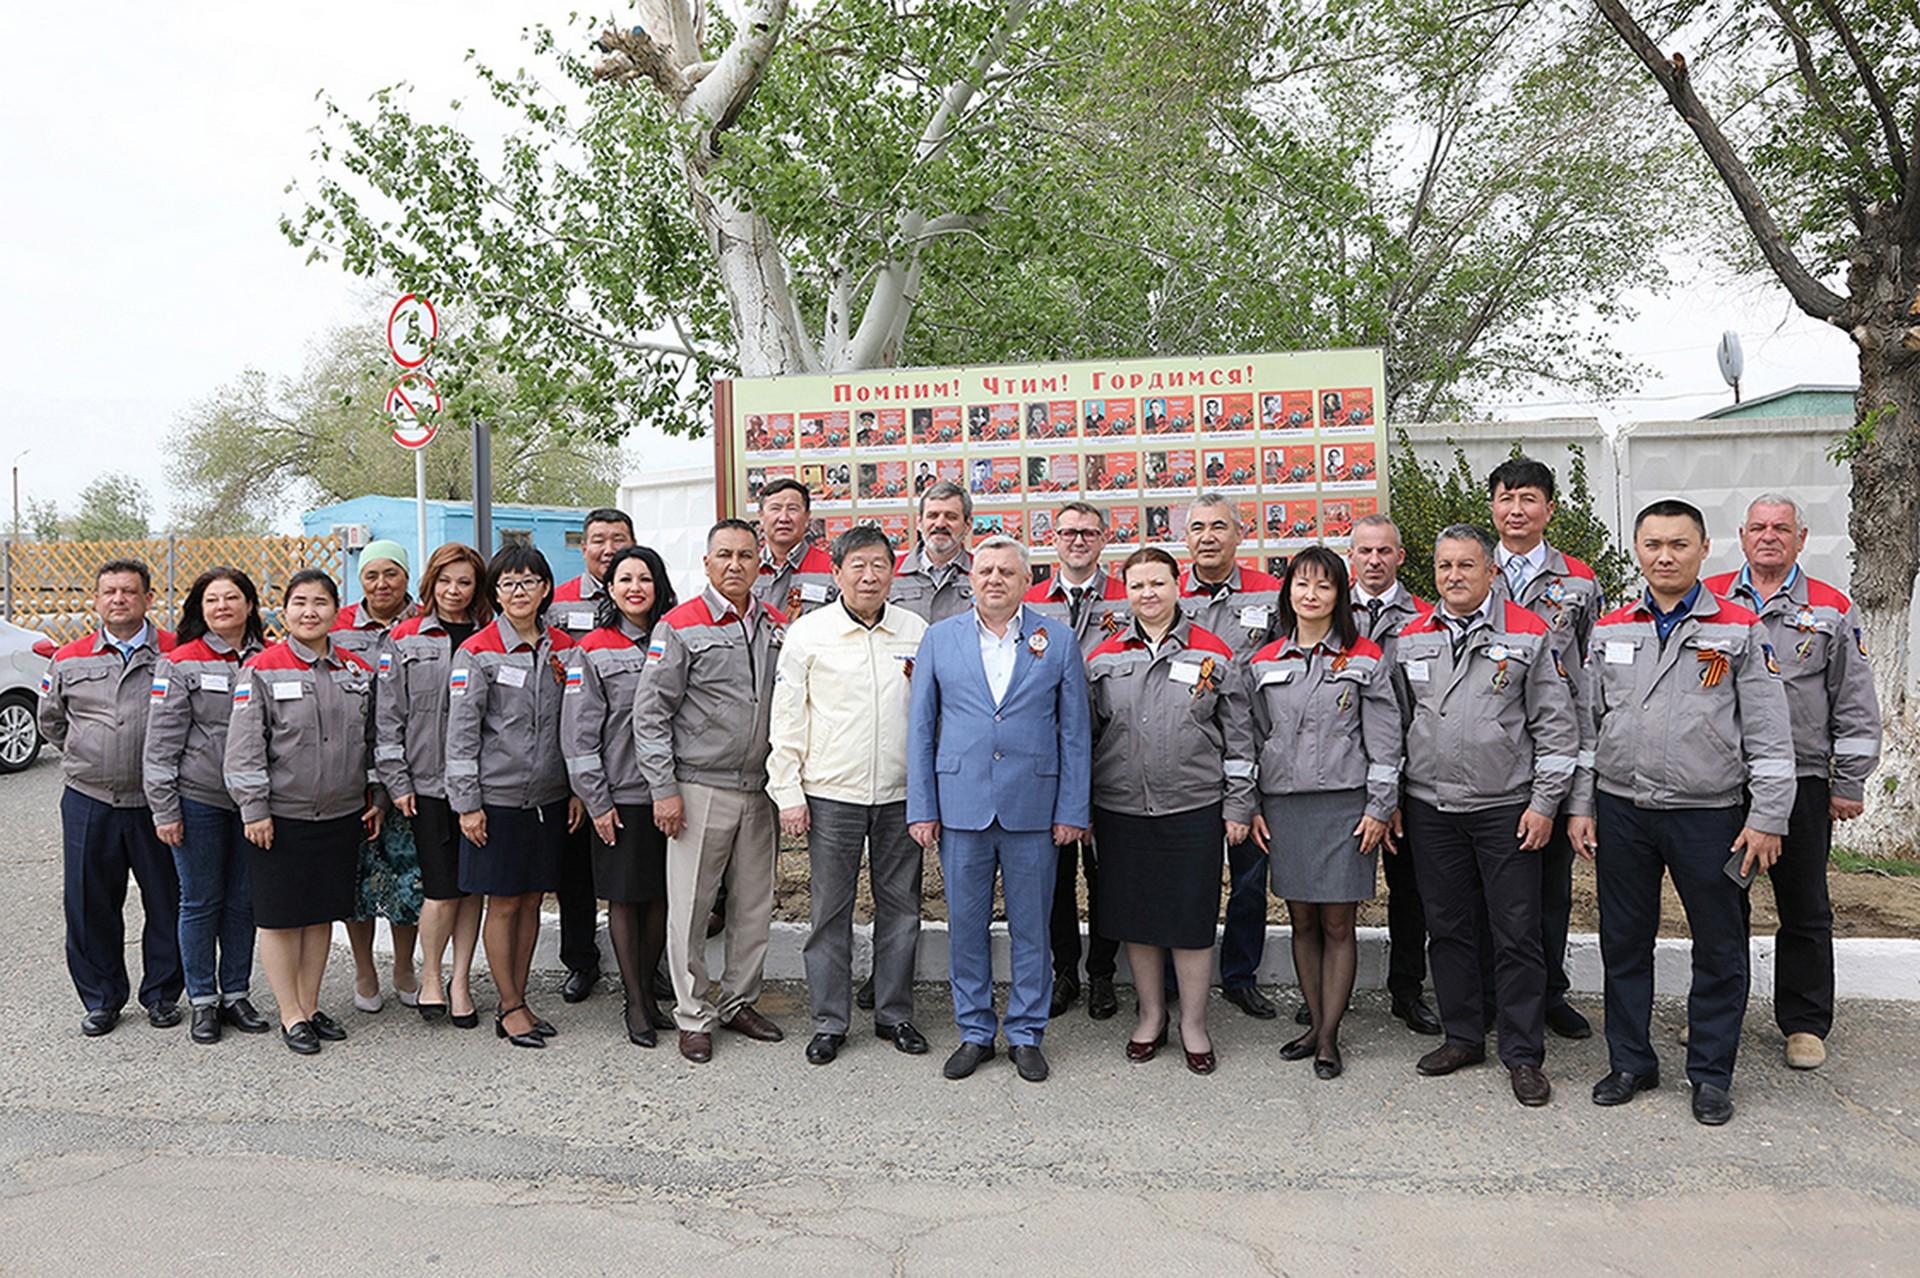 Поздравление главы администрации города Байконура с днем образования ГУП ПЭО «Байконурэнерго»